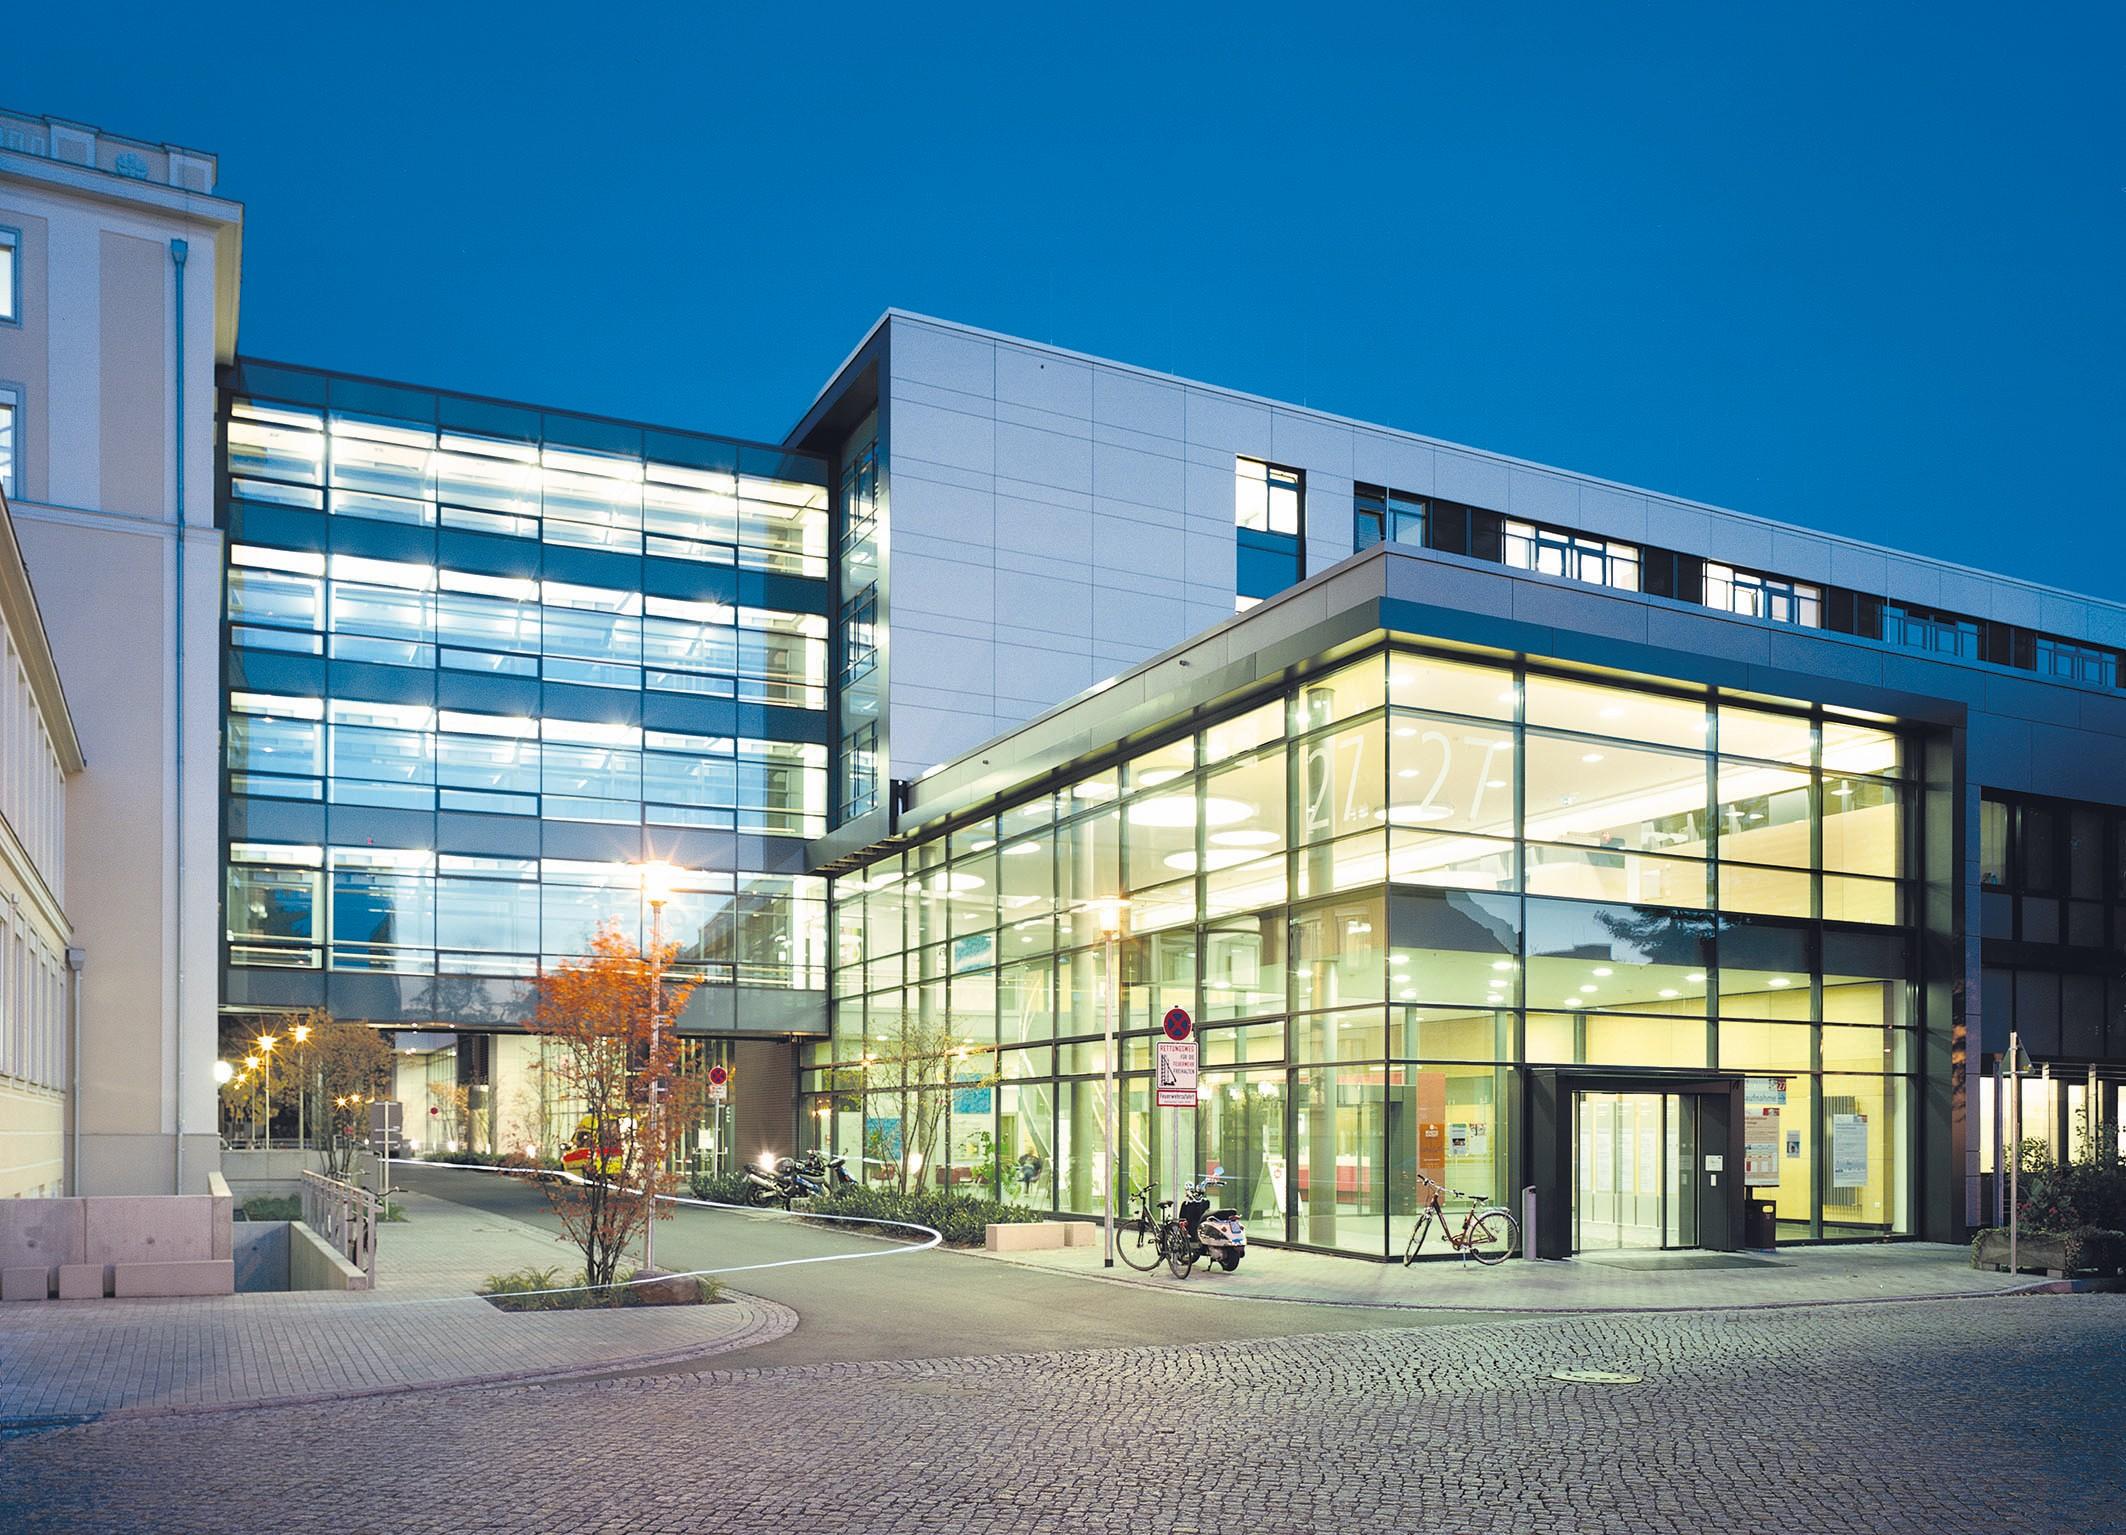 Bilanz - Uniklinik Dresden legt bei Umsatz, Ergebnis und